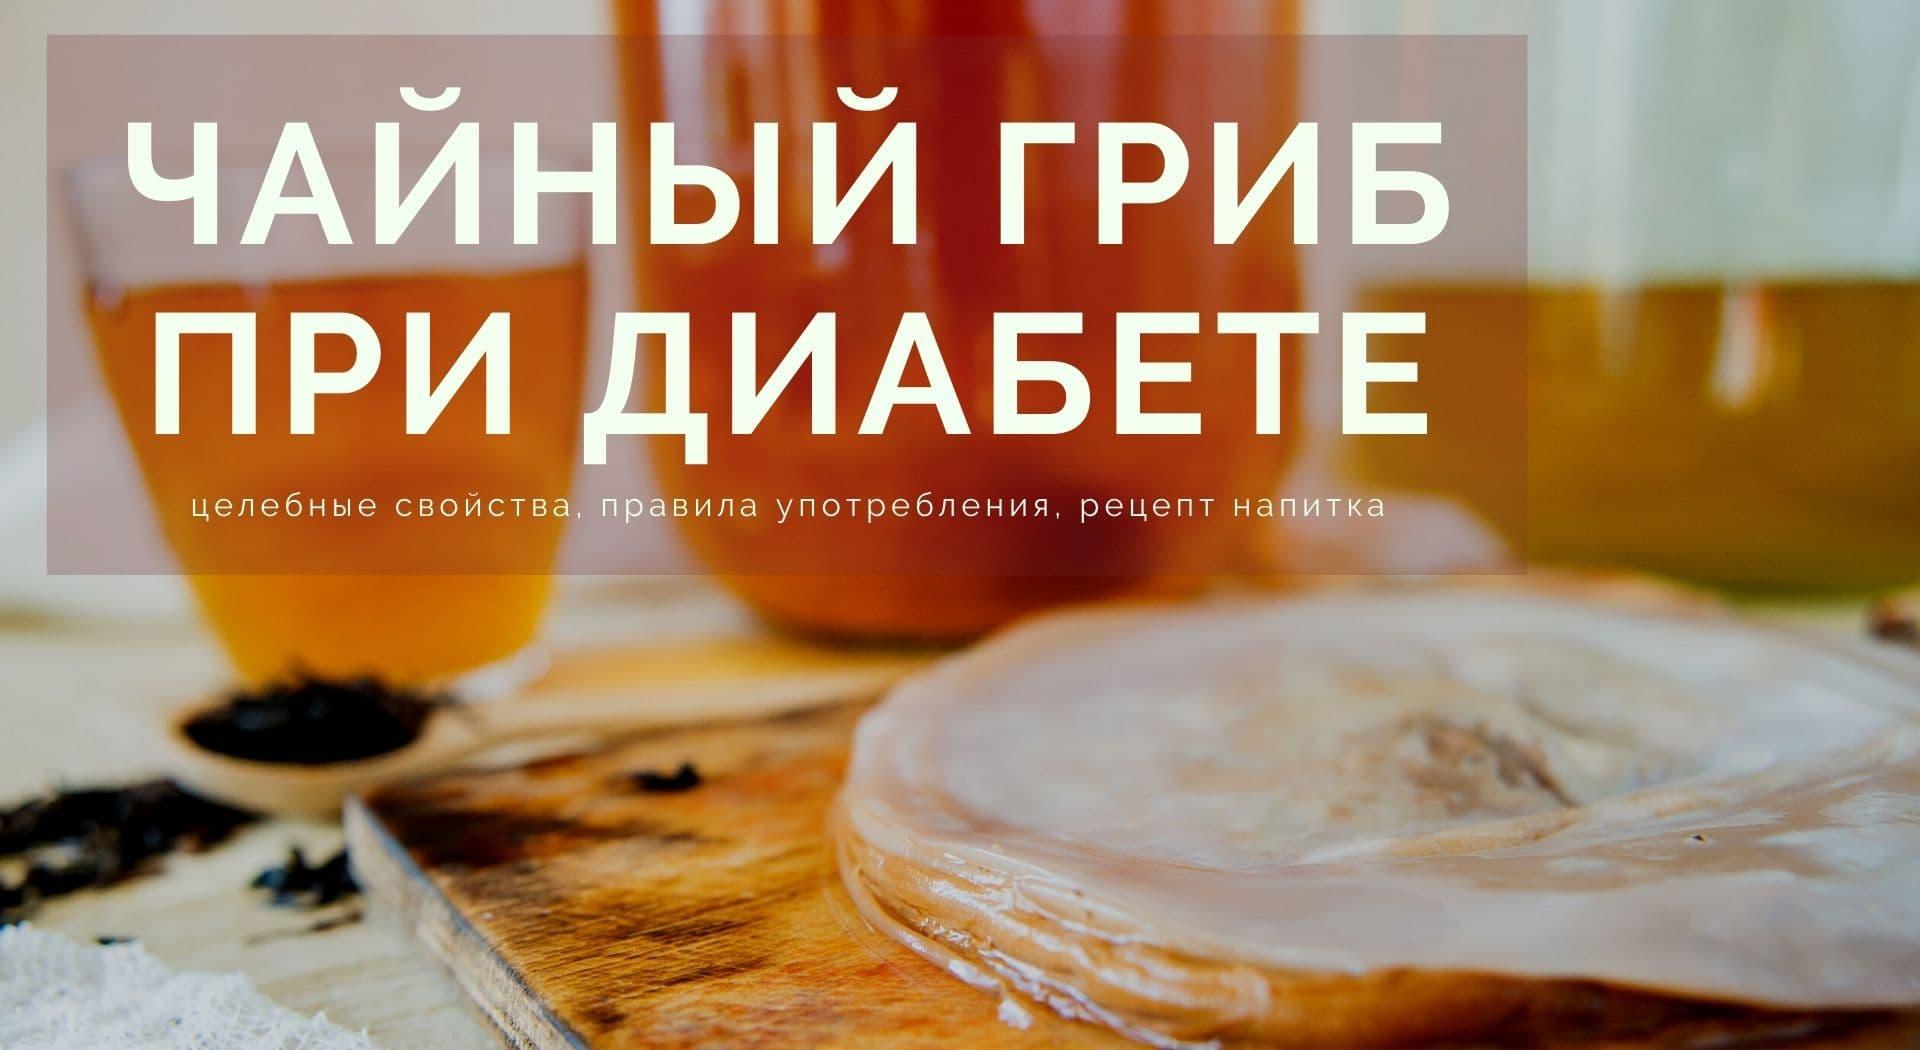 Чайный гриб при диабете: целебные свойства, правила употребления, рецепт напитка